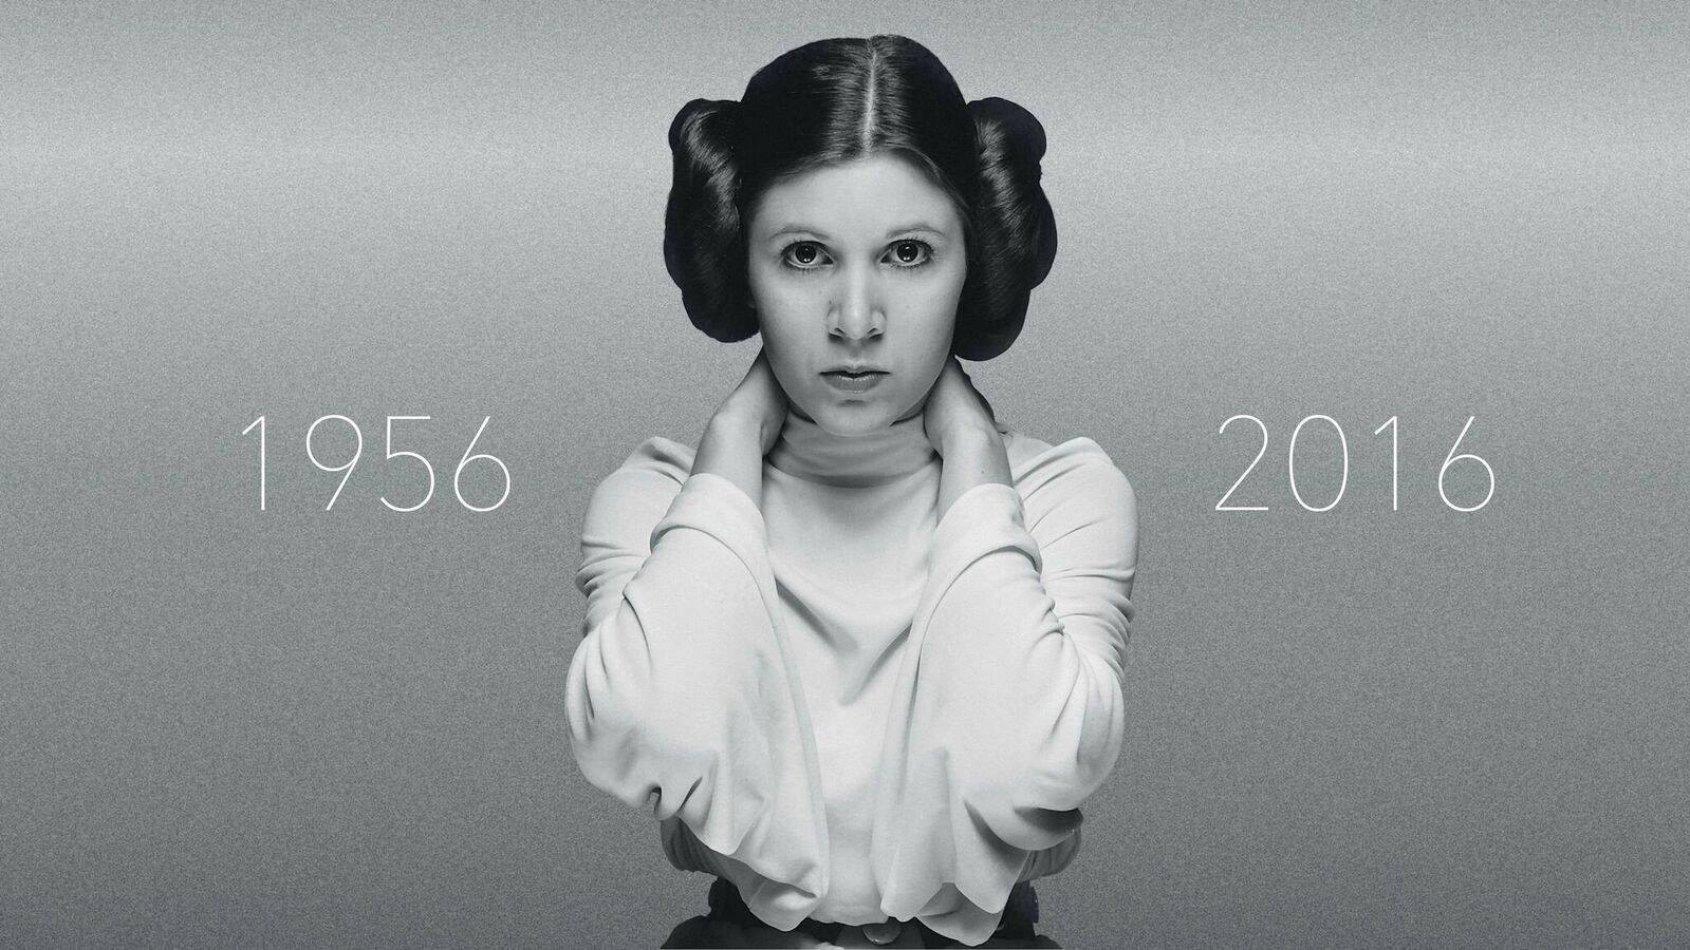 Carrie Fisher, la Princesse Leia nous a quittés et a rejoint la Force.